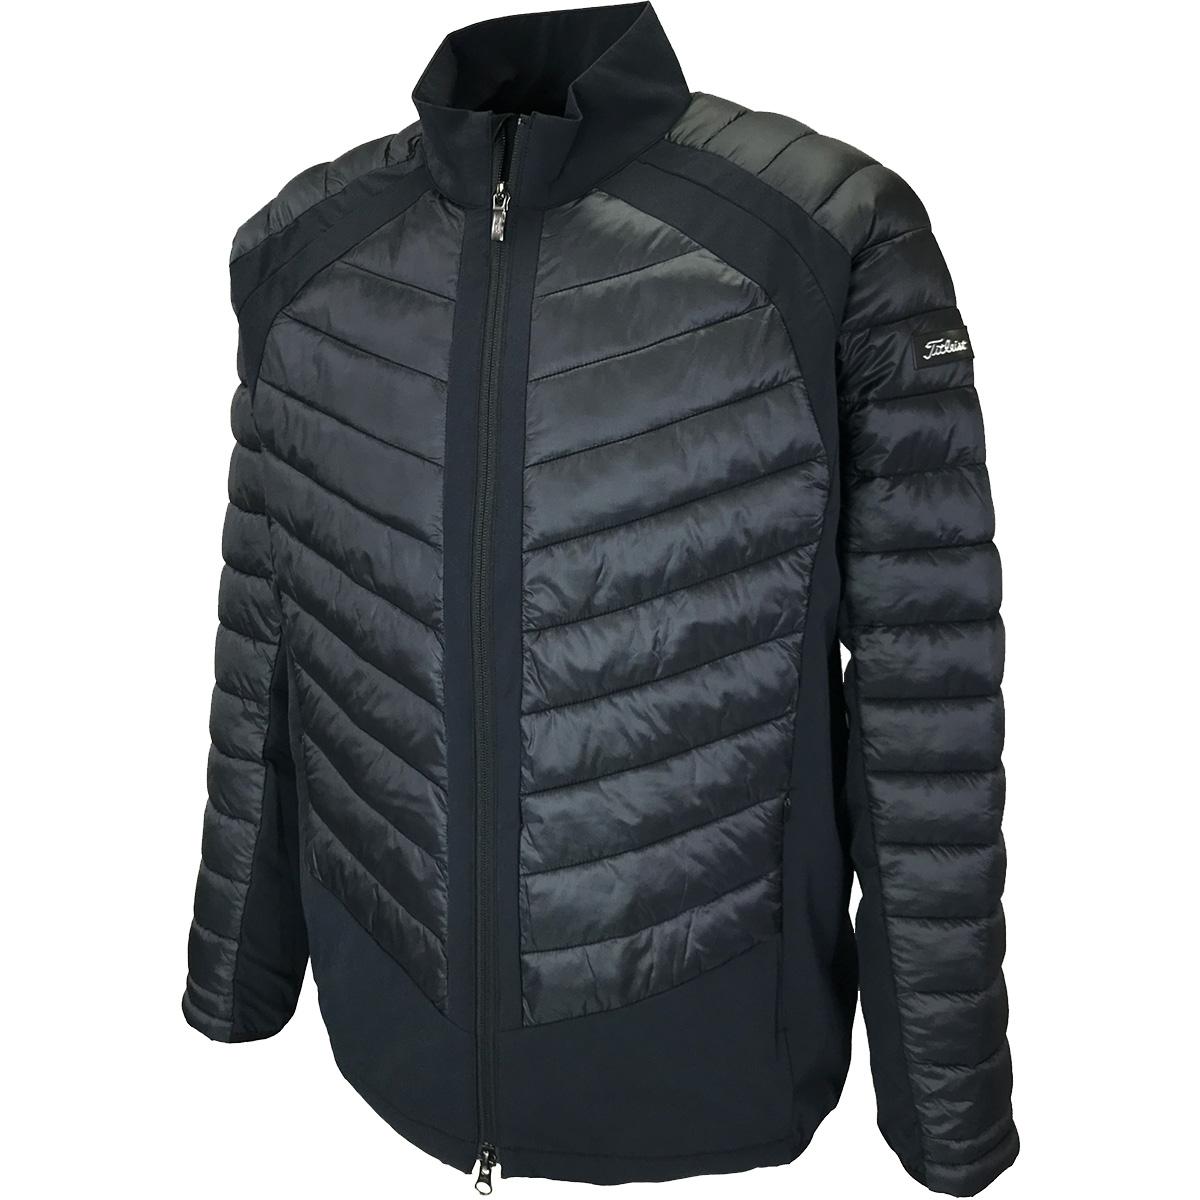 ストレッチ ハイブリッド インサレーションジャケット